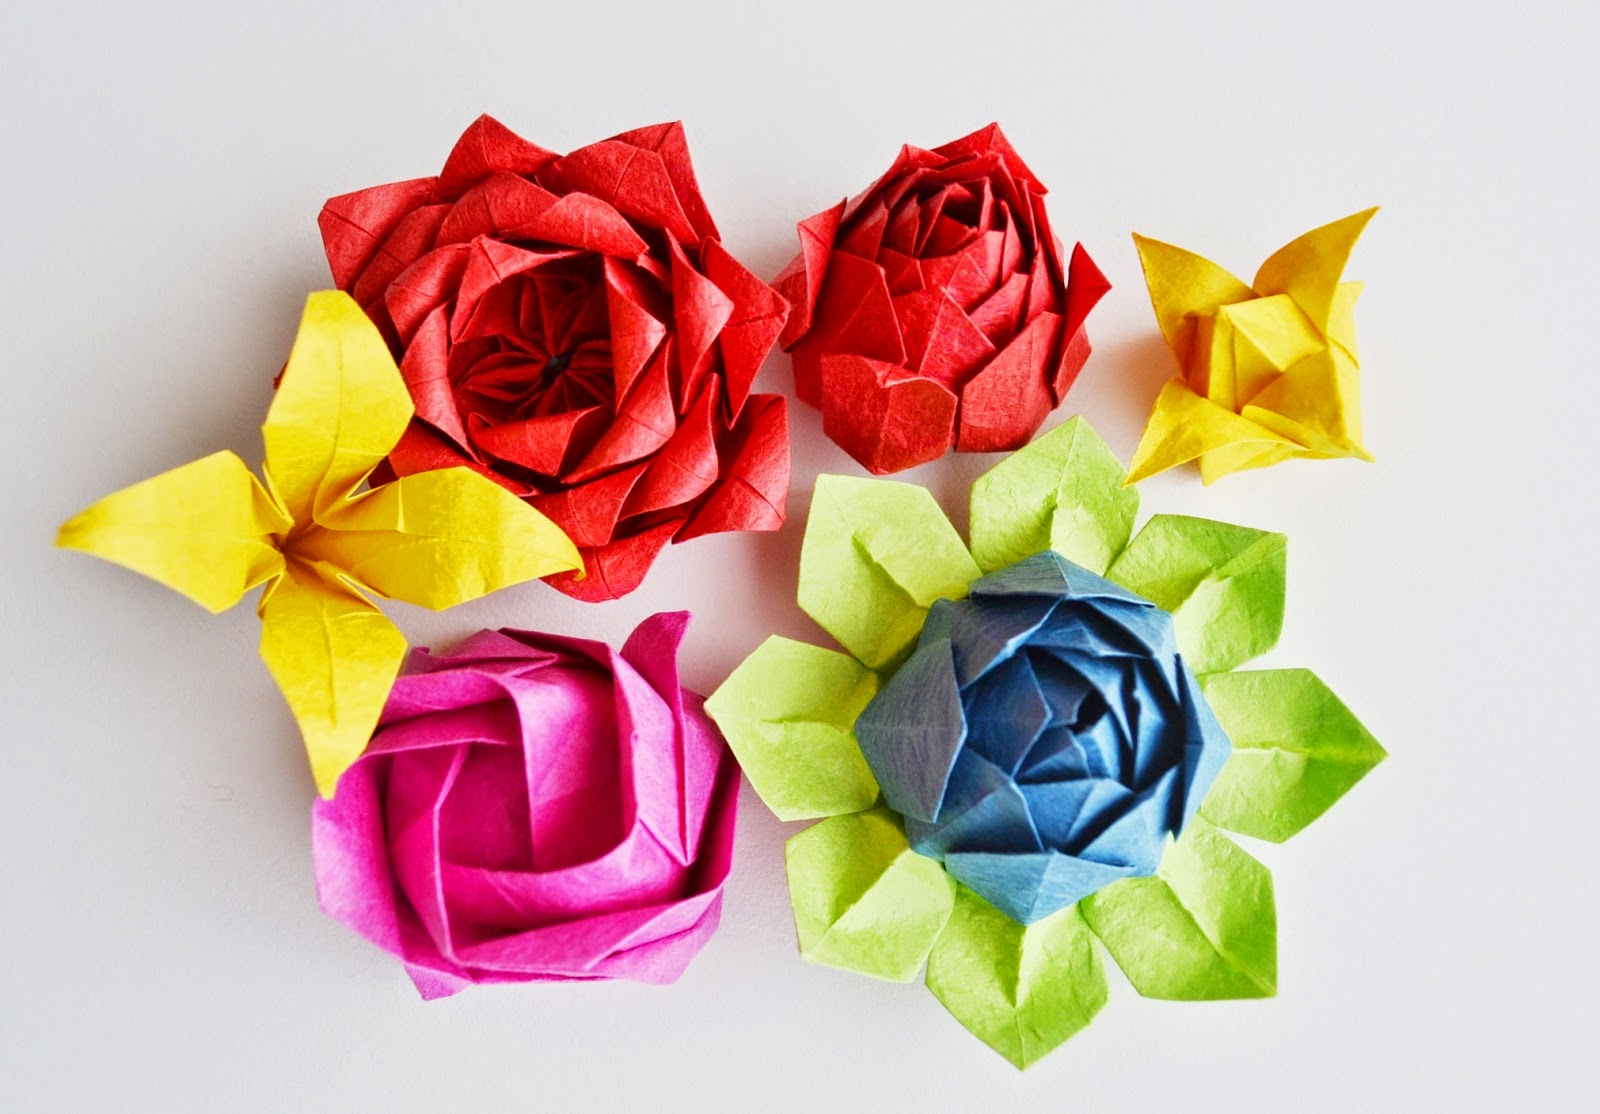 Katla kk eyler origami gller ii yine de geen gn bir akam youtubeda bir video bulup kolay grnen bir versiyonunu denedim mightylinksfo